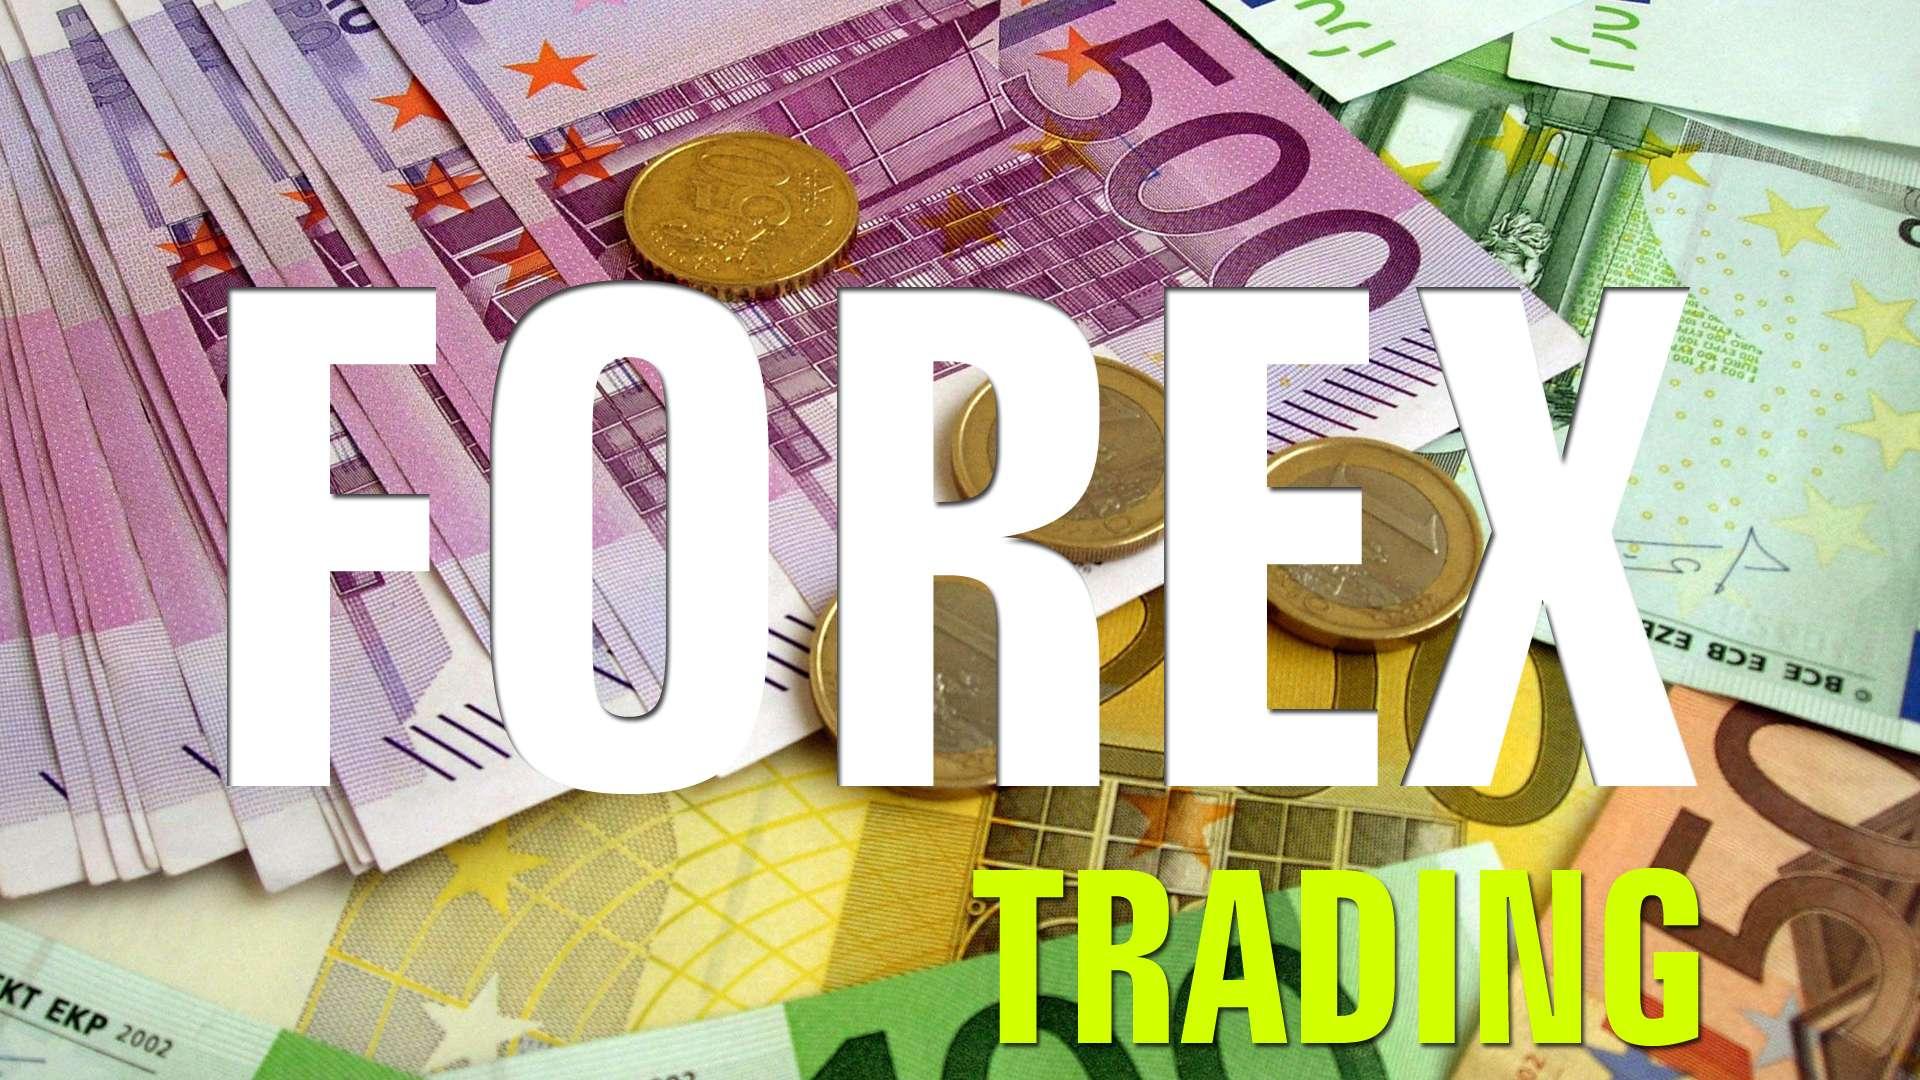 Demo-рахунок Forex  допомагає оволодіти всіма можливостями торгової платформи